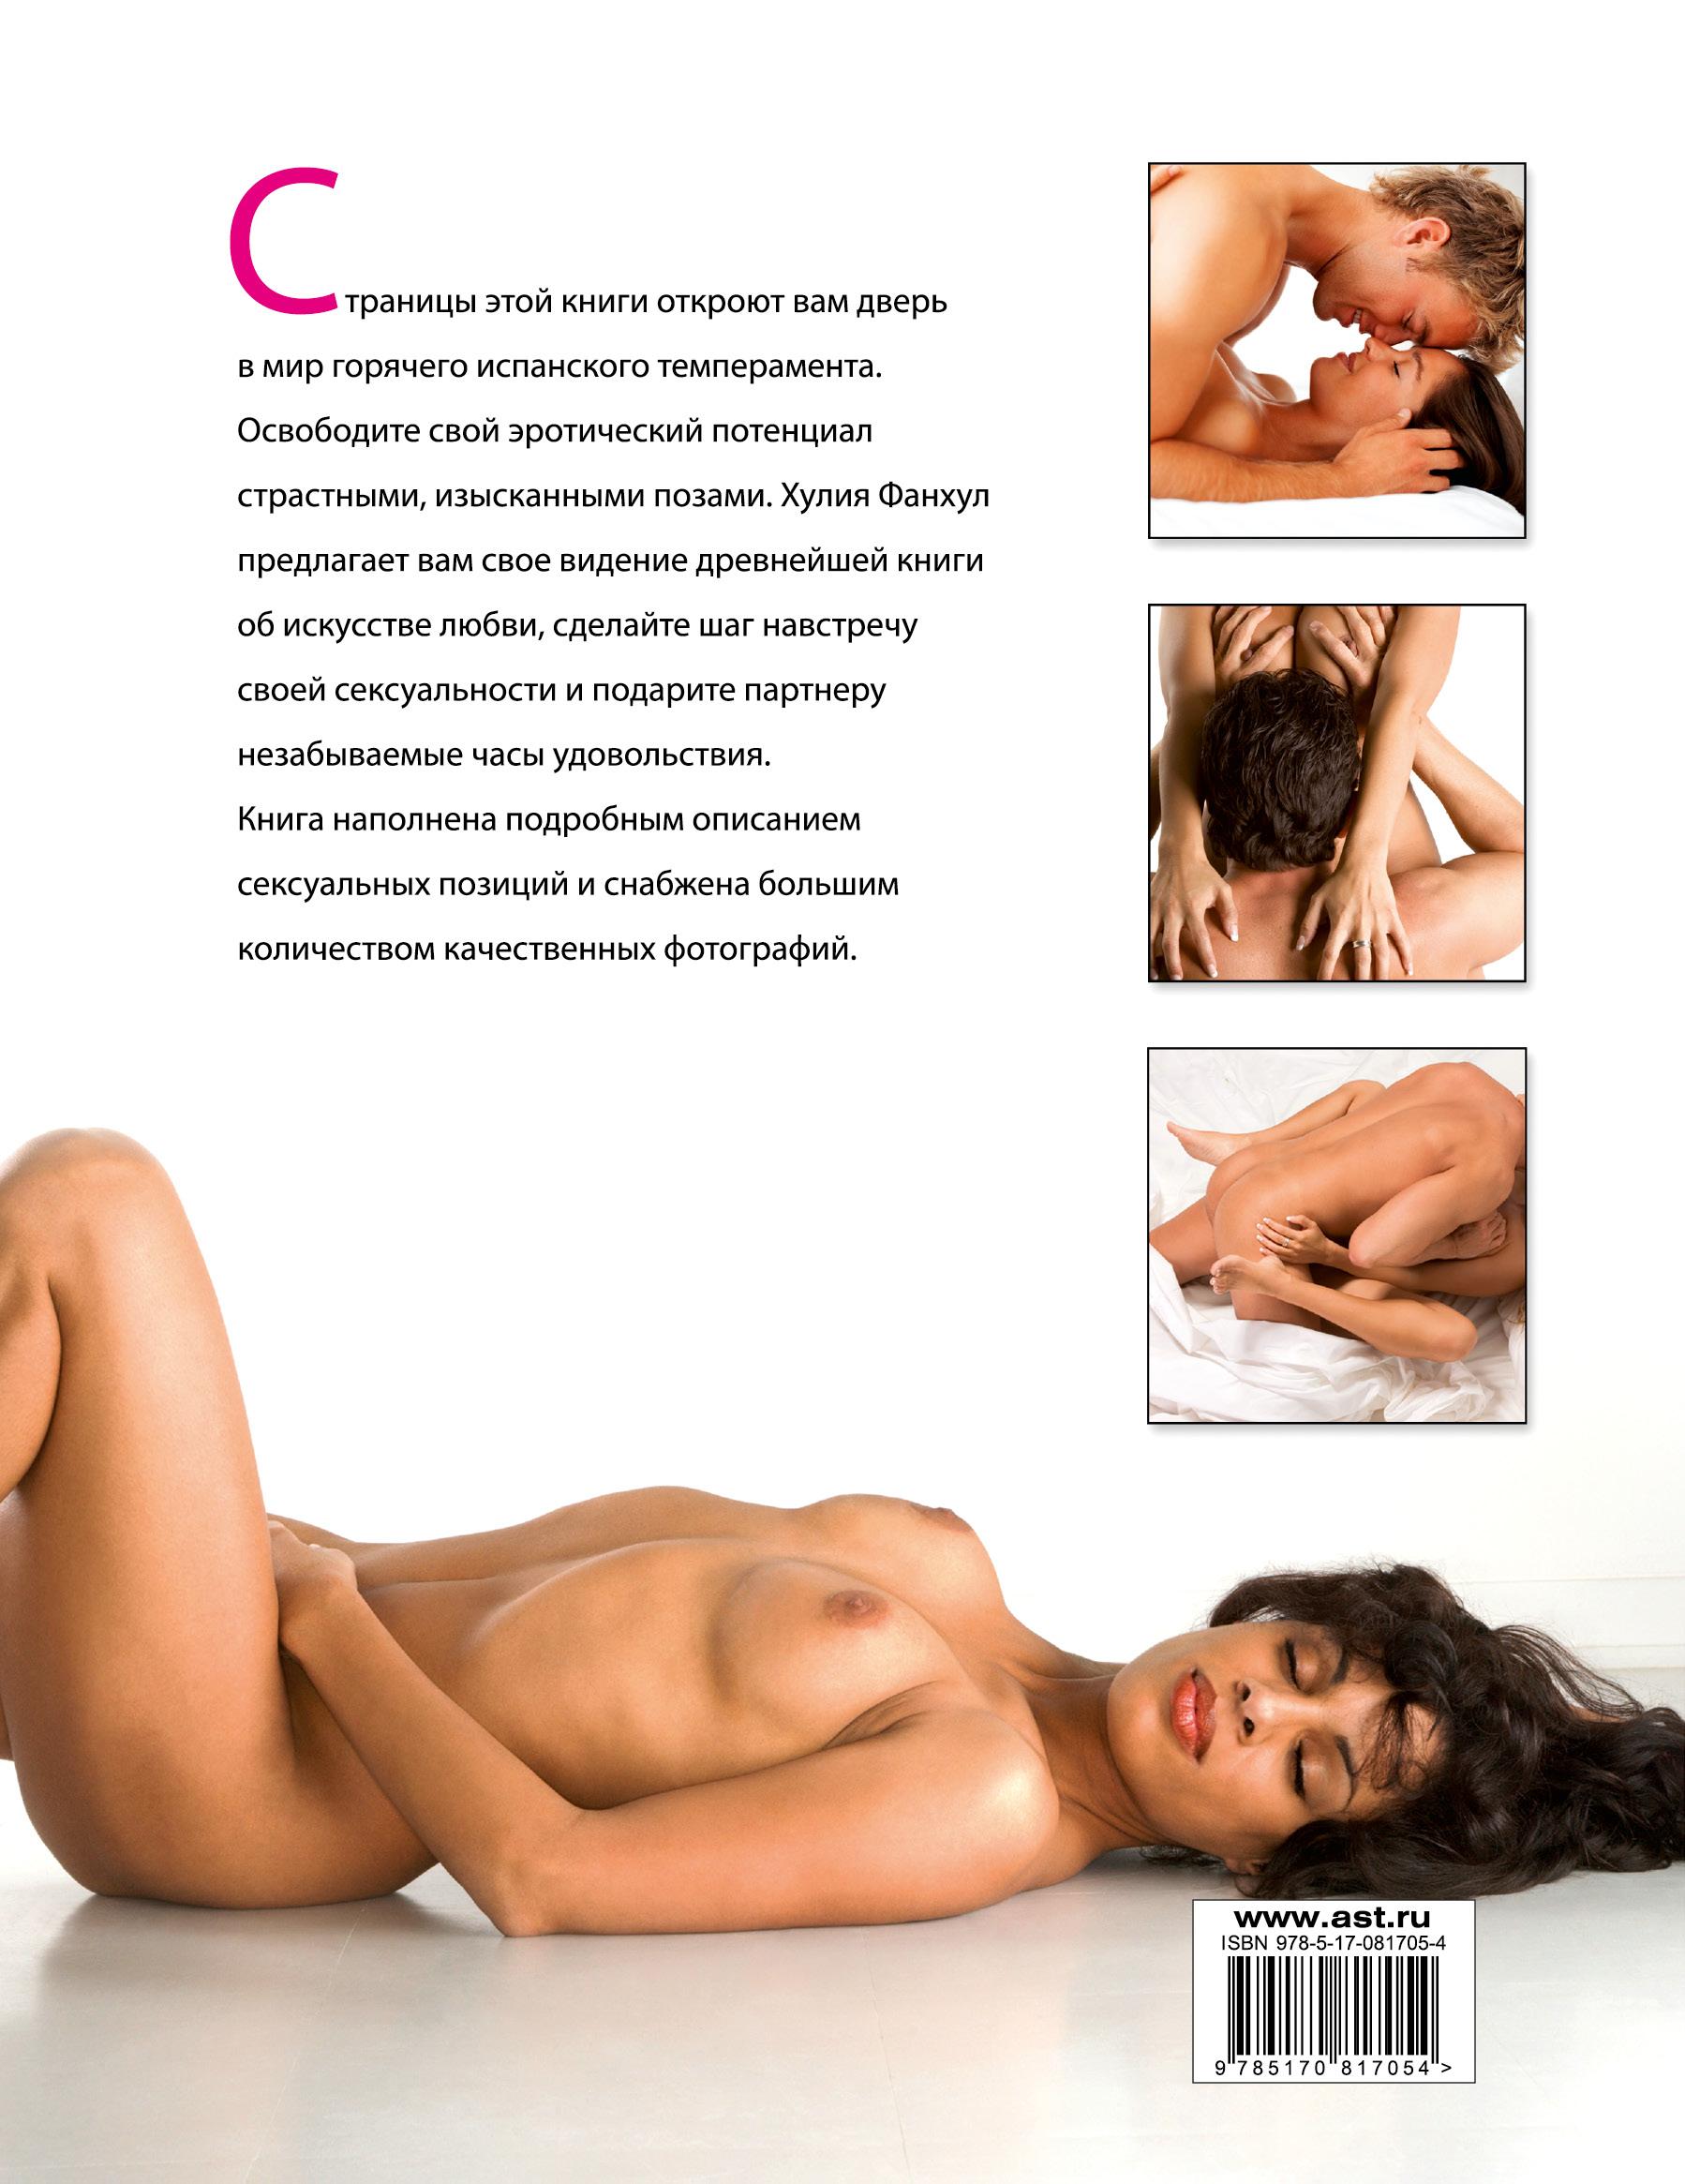 Читать книгу секс онлайн с картинками, красотки в сексуальных платьях